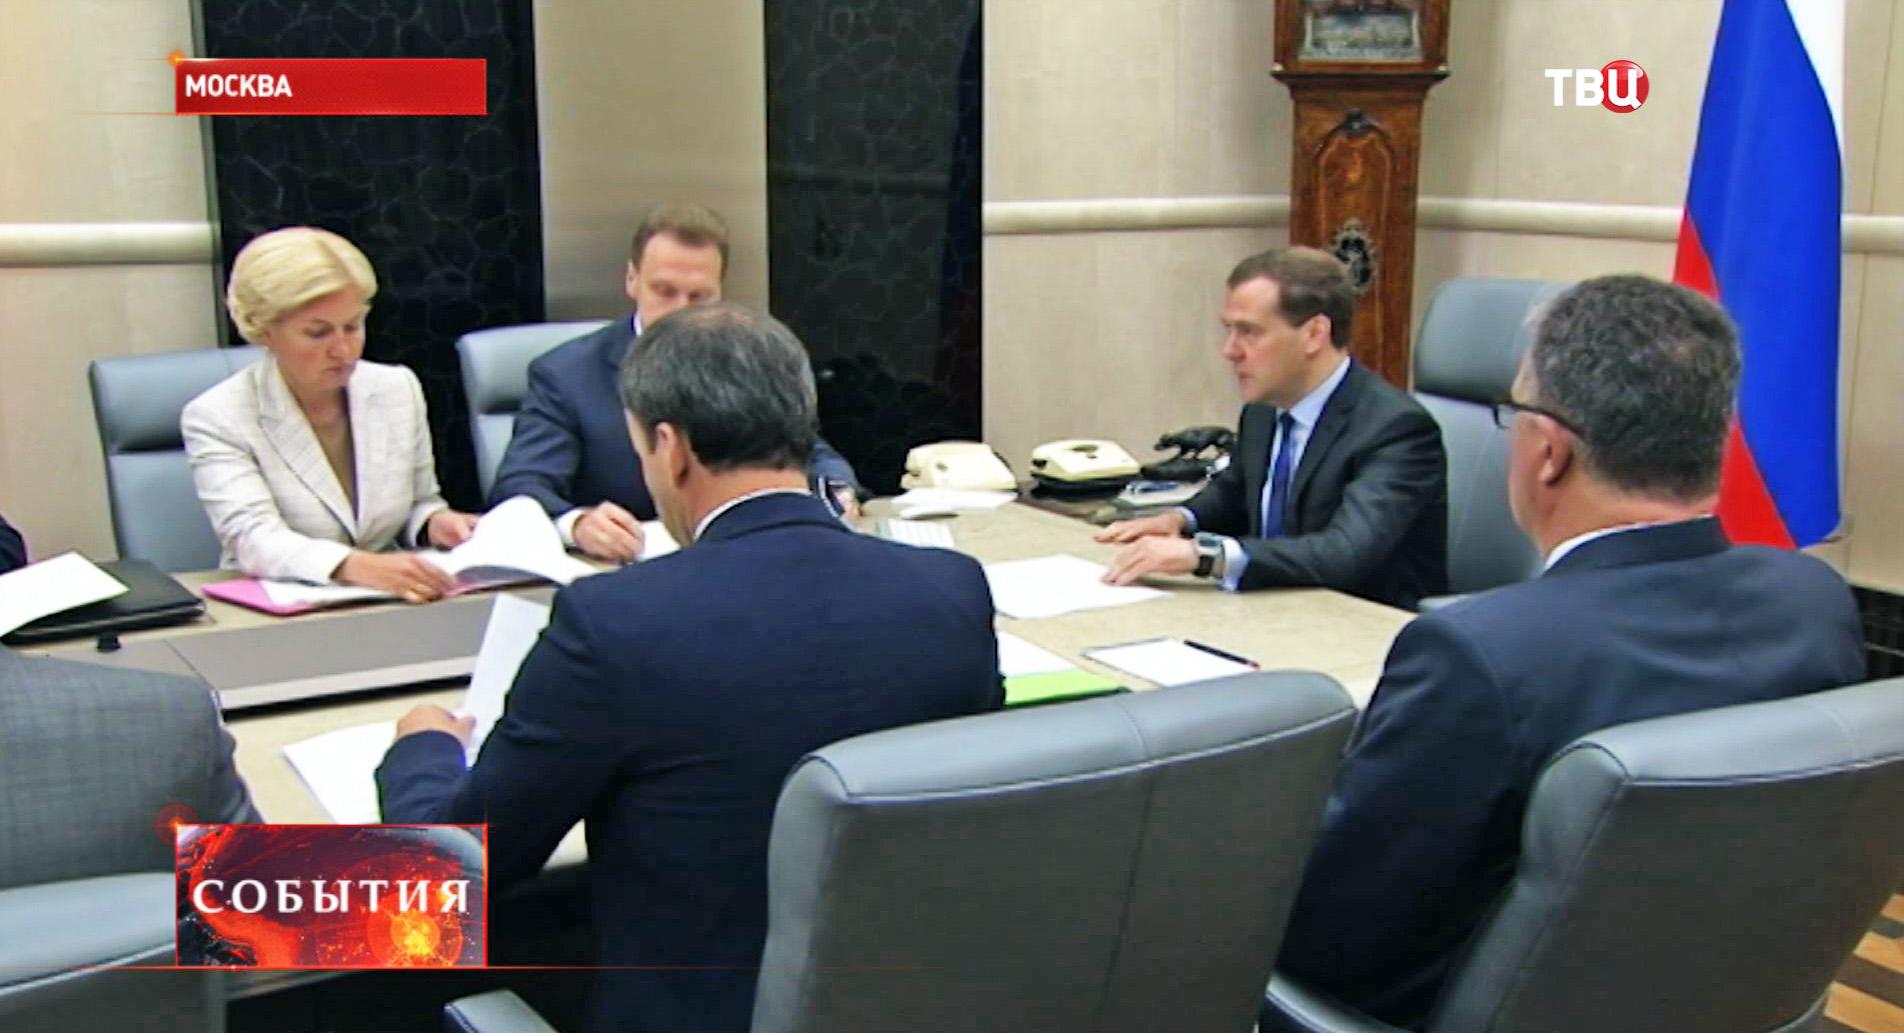 Дмитрий Медведев во время совещания с вице-премьерами России